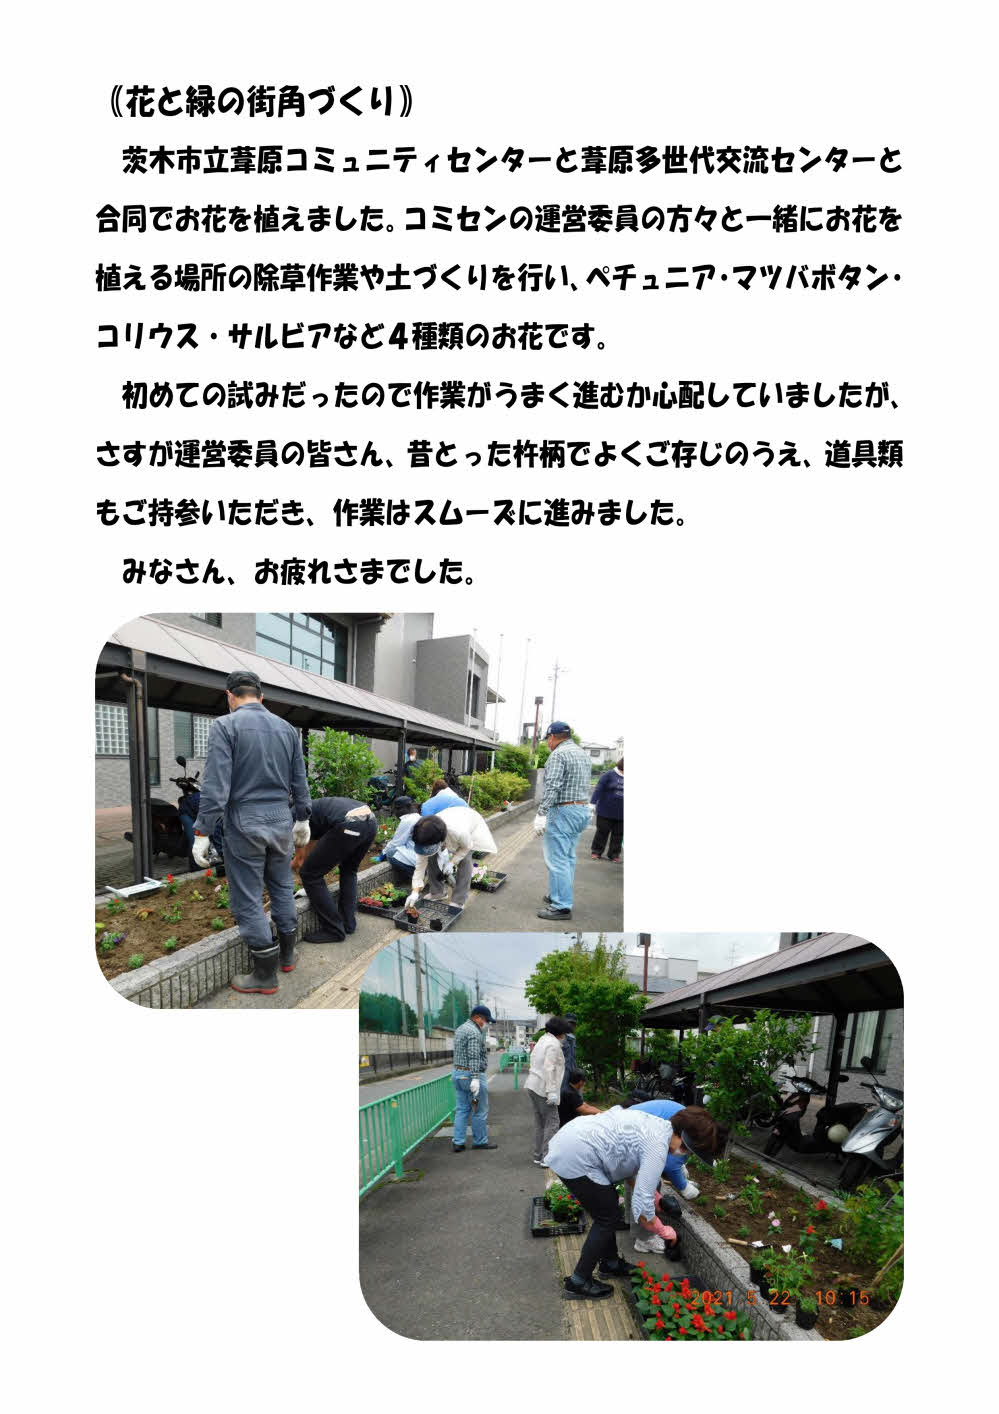 茨木市葦原多世代交流センター 花と緑の街角づくり